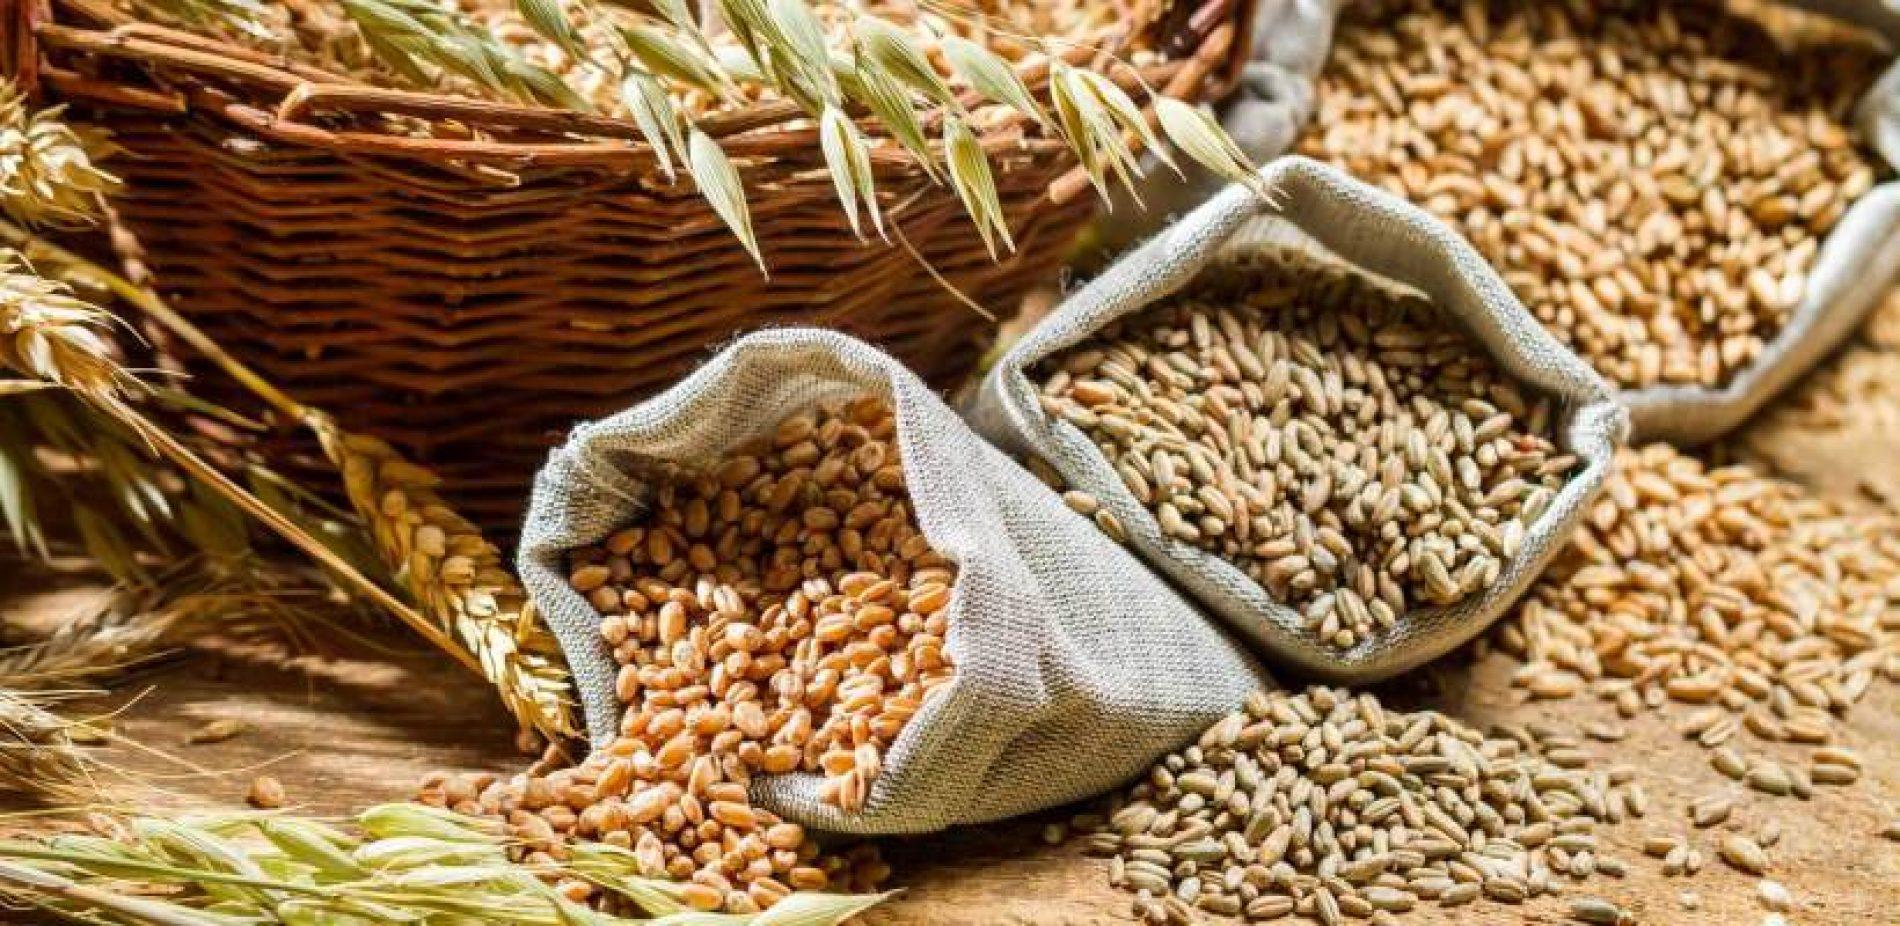 Poljska: Moguć rast cijena žita za hljeb